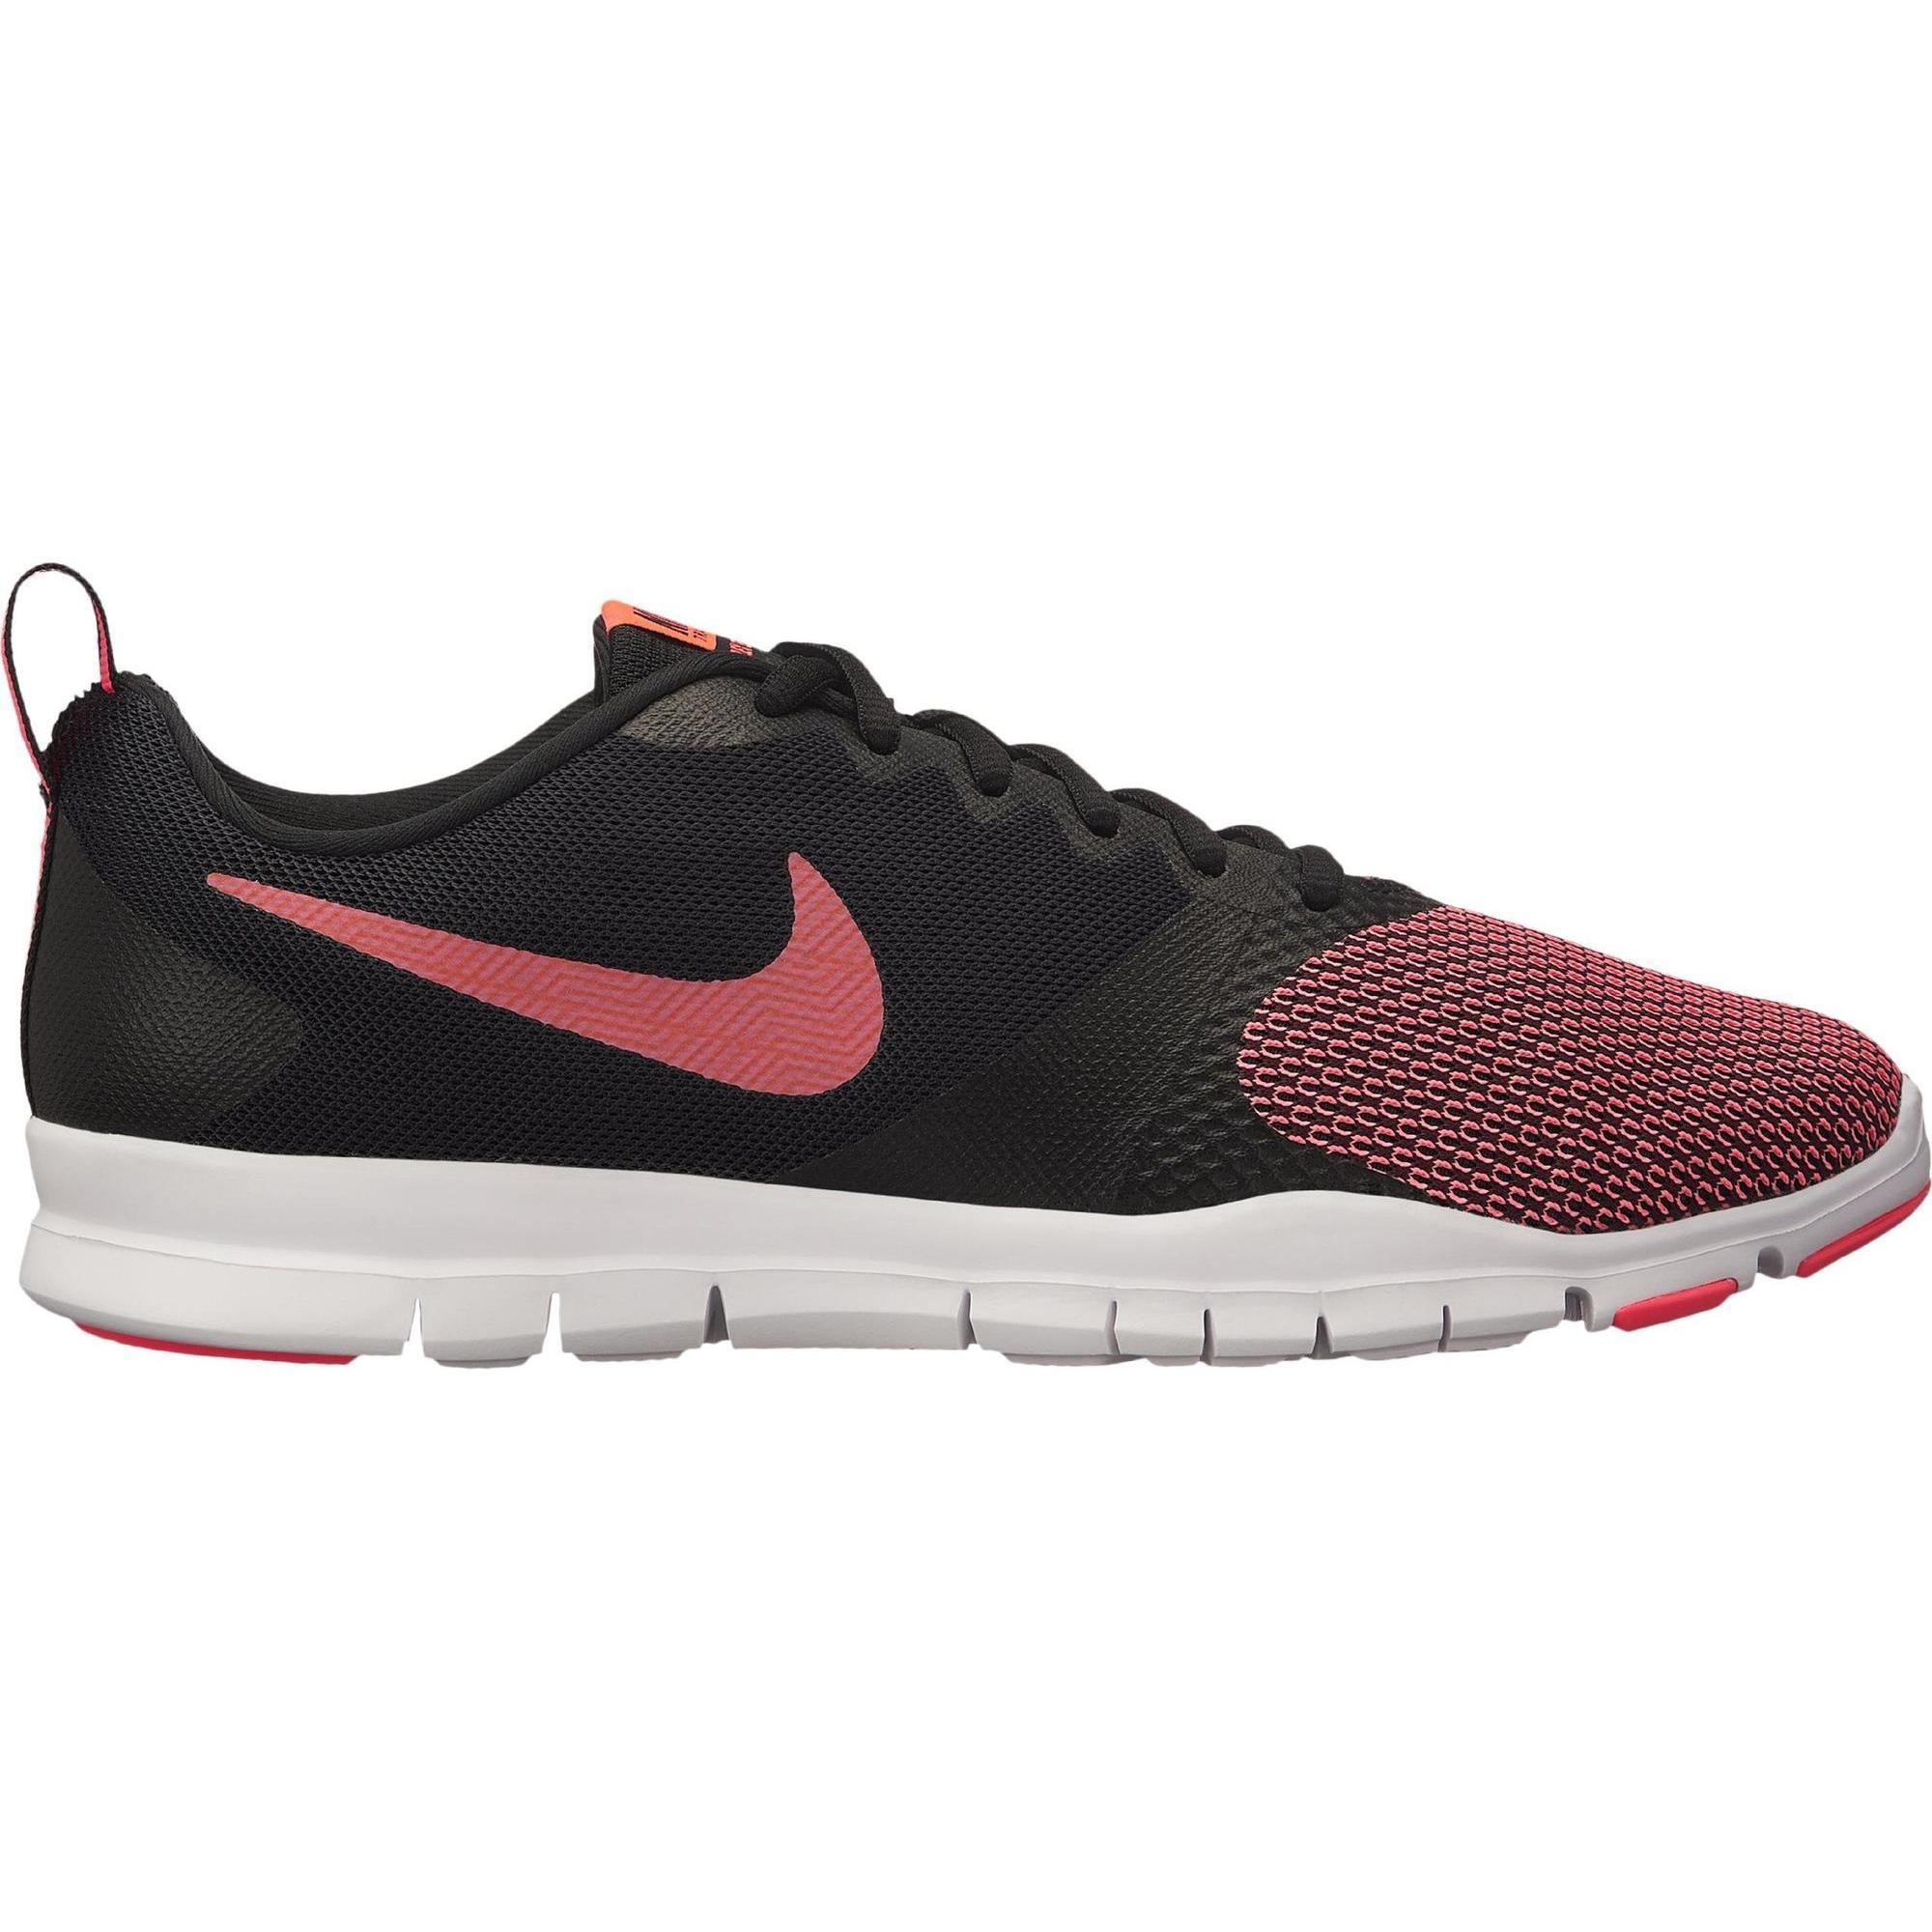 2408315 Nike Fitnessschoenen Nike Flex Essential voor dames zwart en roze